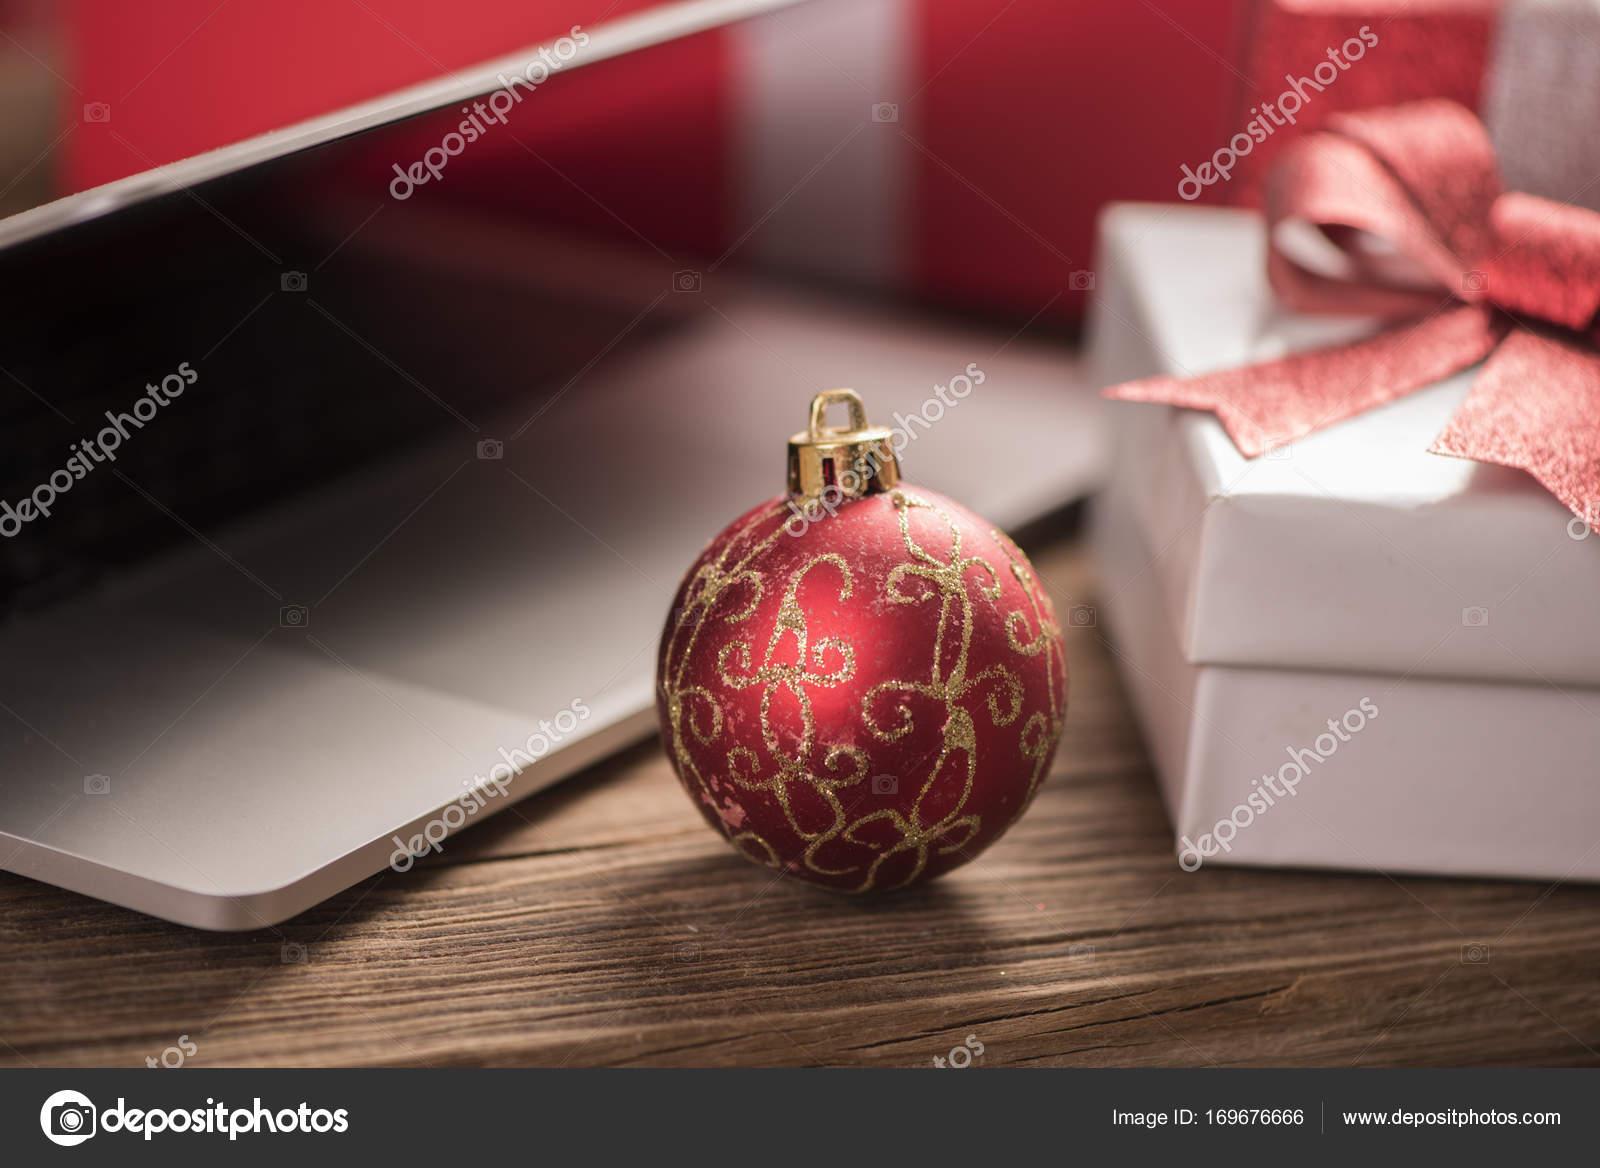 Beste Weihnachten Geschenke Idee — Stockfoto © FabioBalbi #169676666